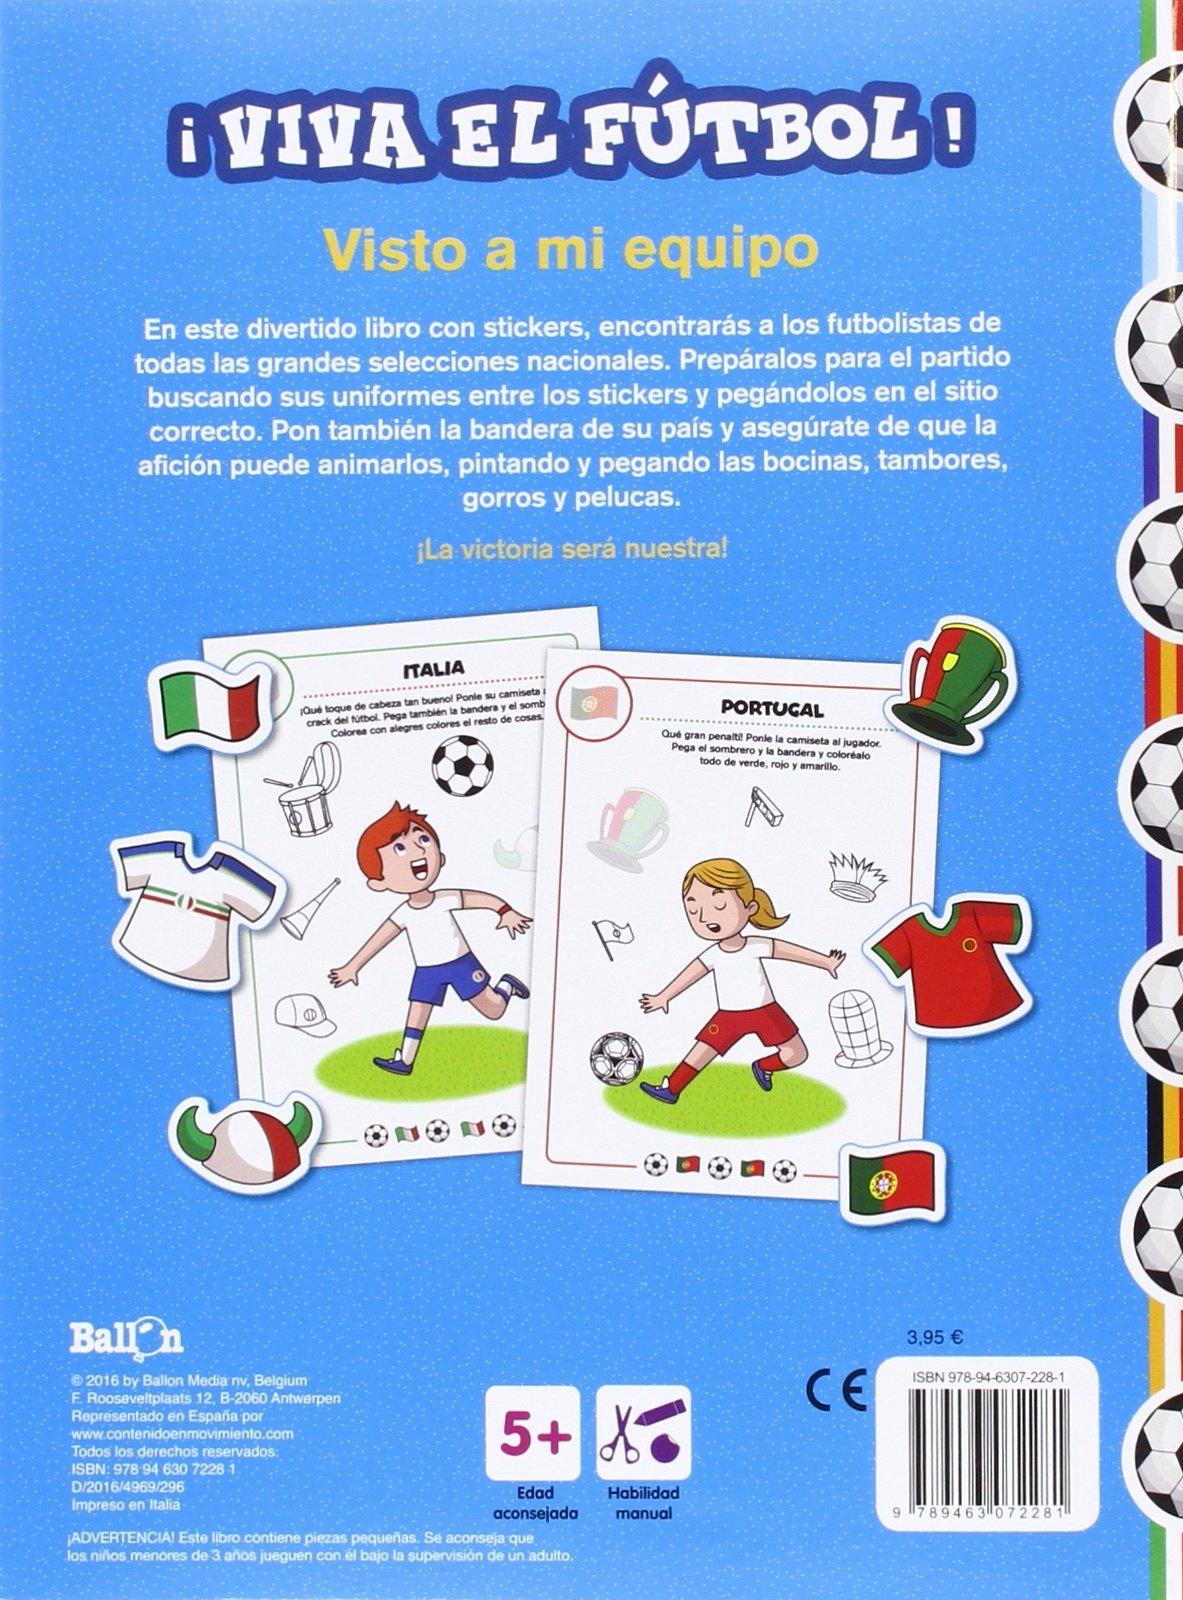 ¡Viva el fútbol! - Visto a mi equipo: Ballon: 9789463072281: Amazon.com: Books